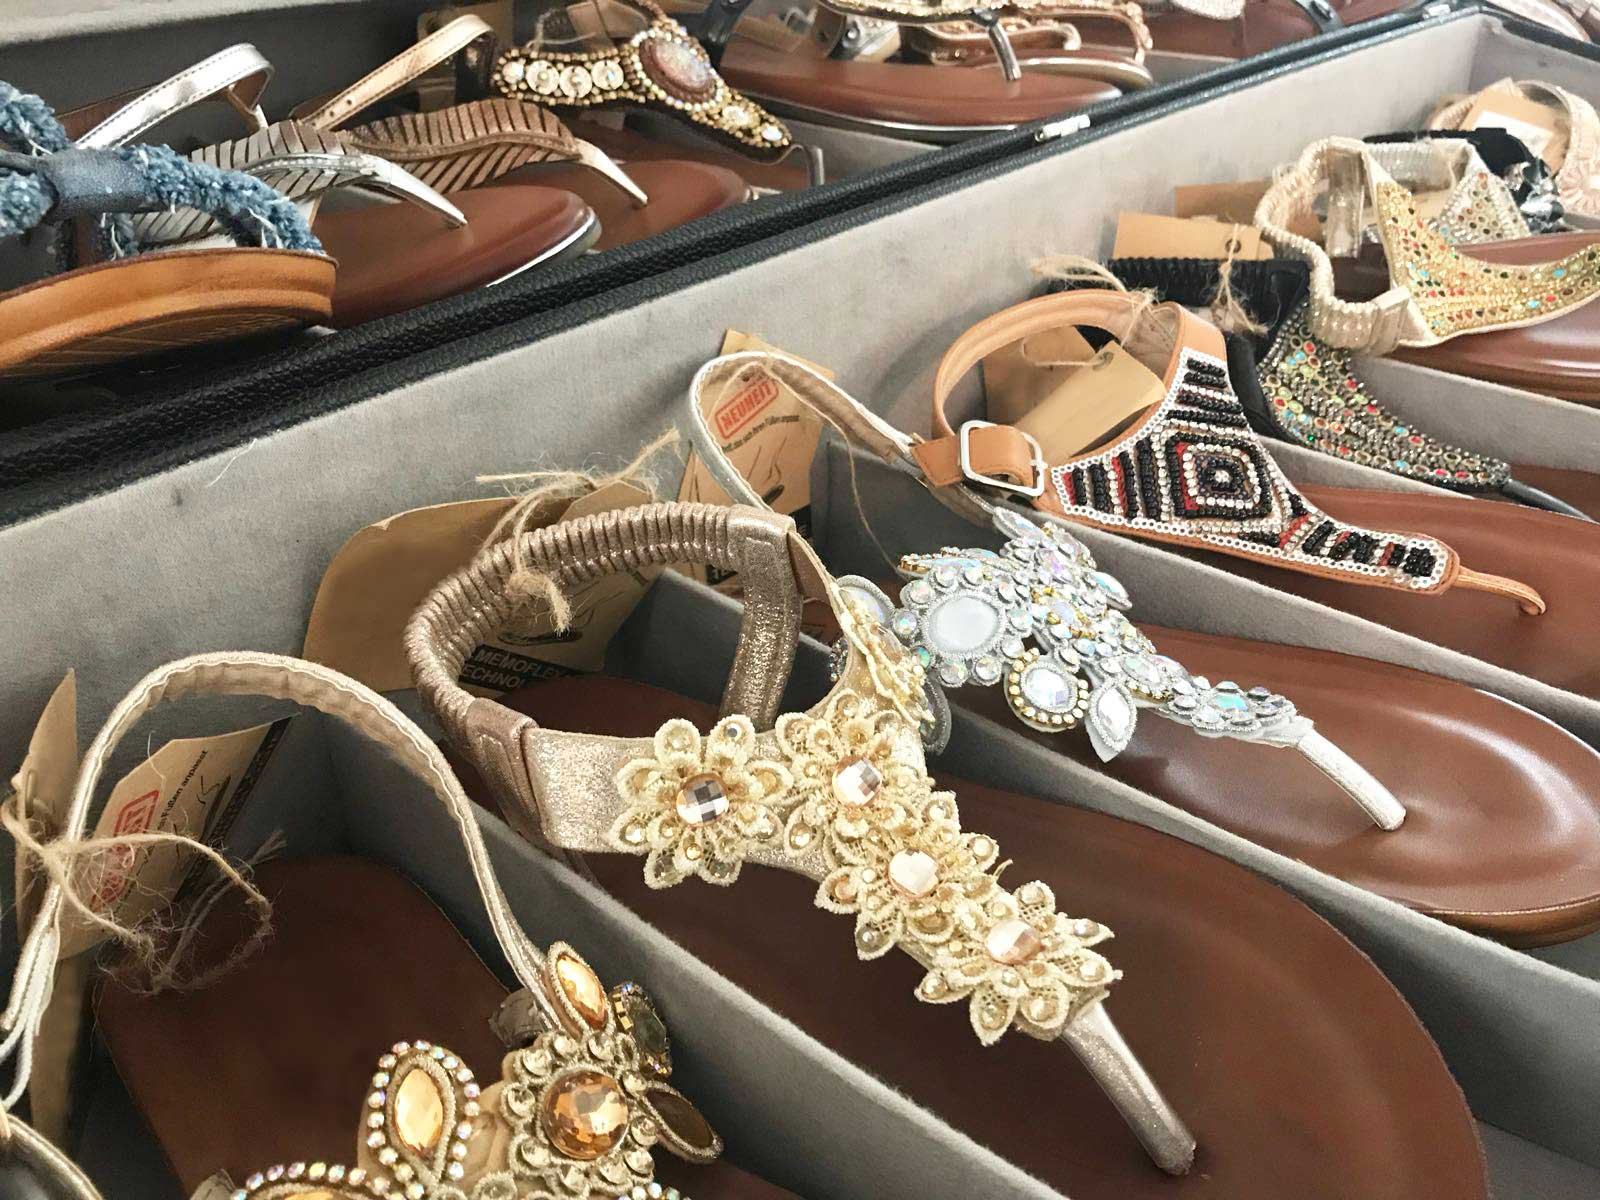 Neues Terrain: schuhplus produziert eigene Schuhkollektion in Übergröße